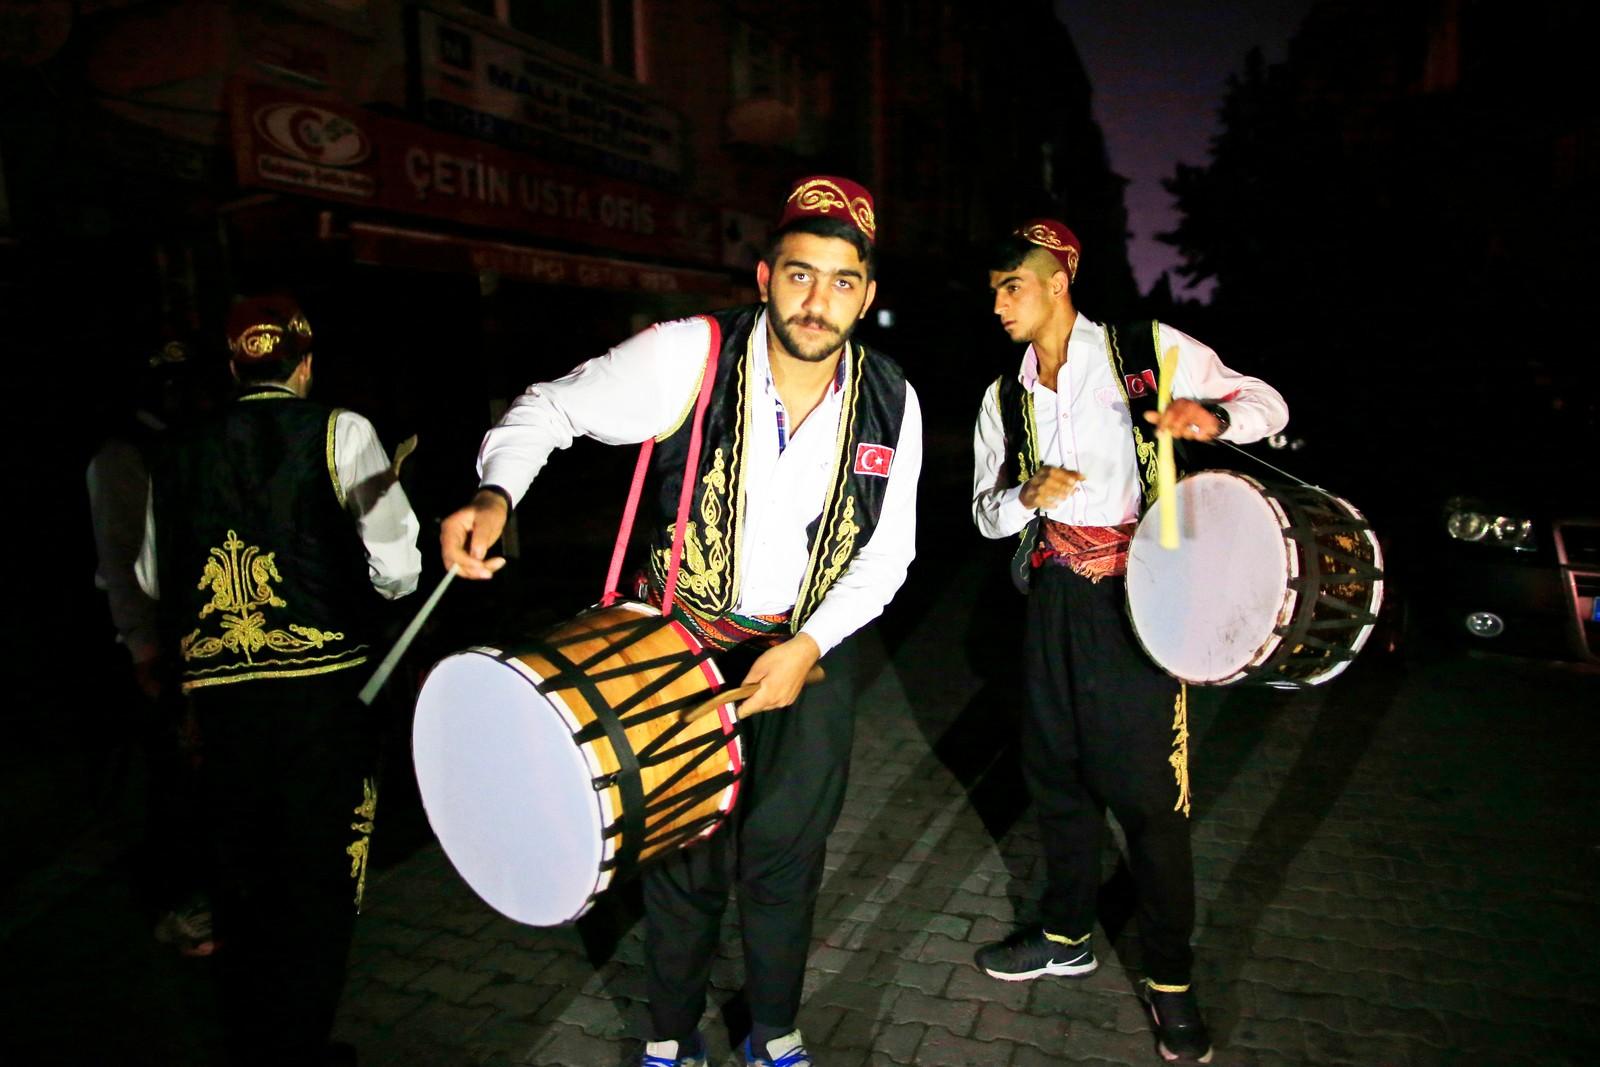 Ramadan i Tyrkia innledes med trommeslagere i ottomanske drakter som trommer for å vekke folk før fasten begynner.